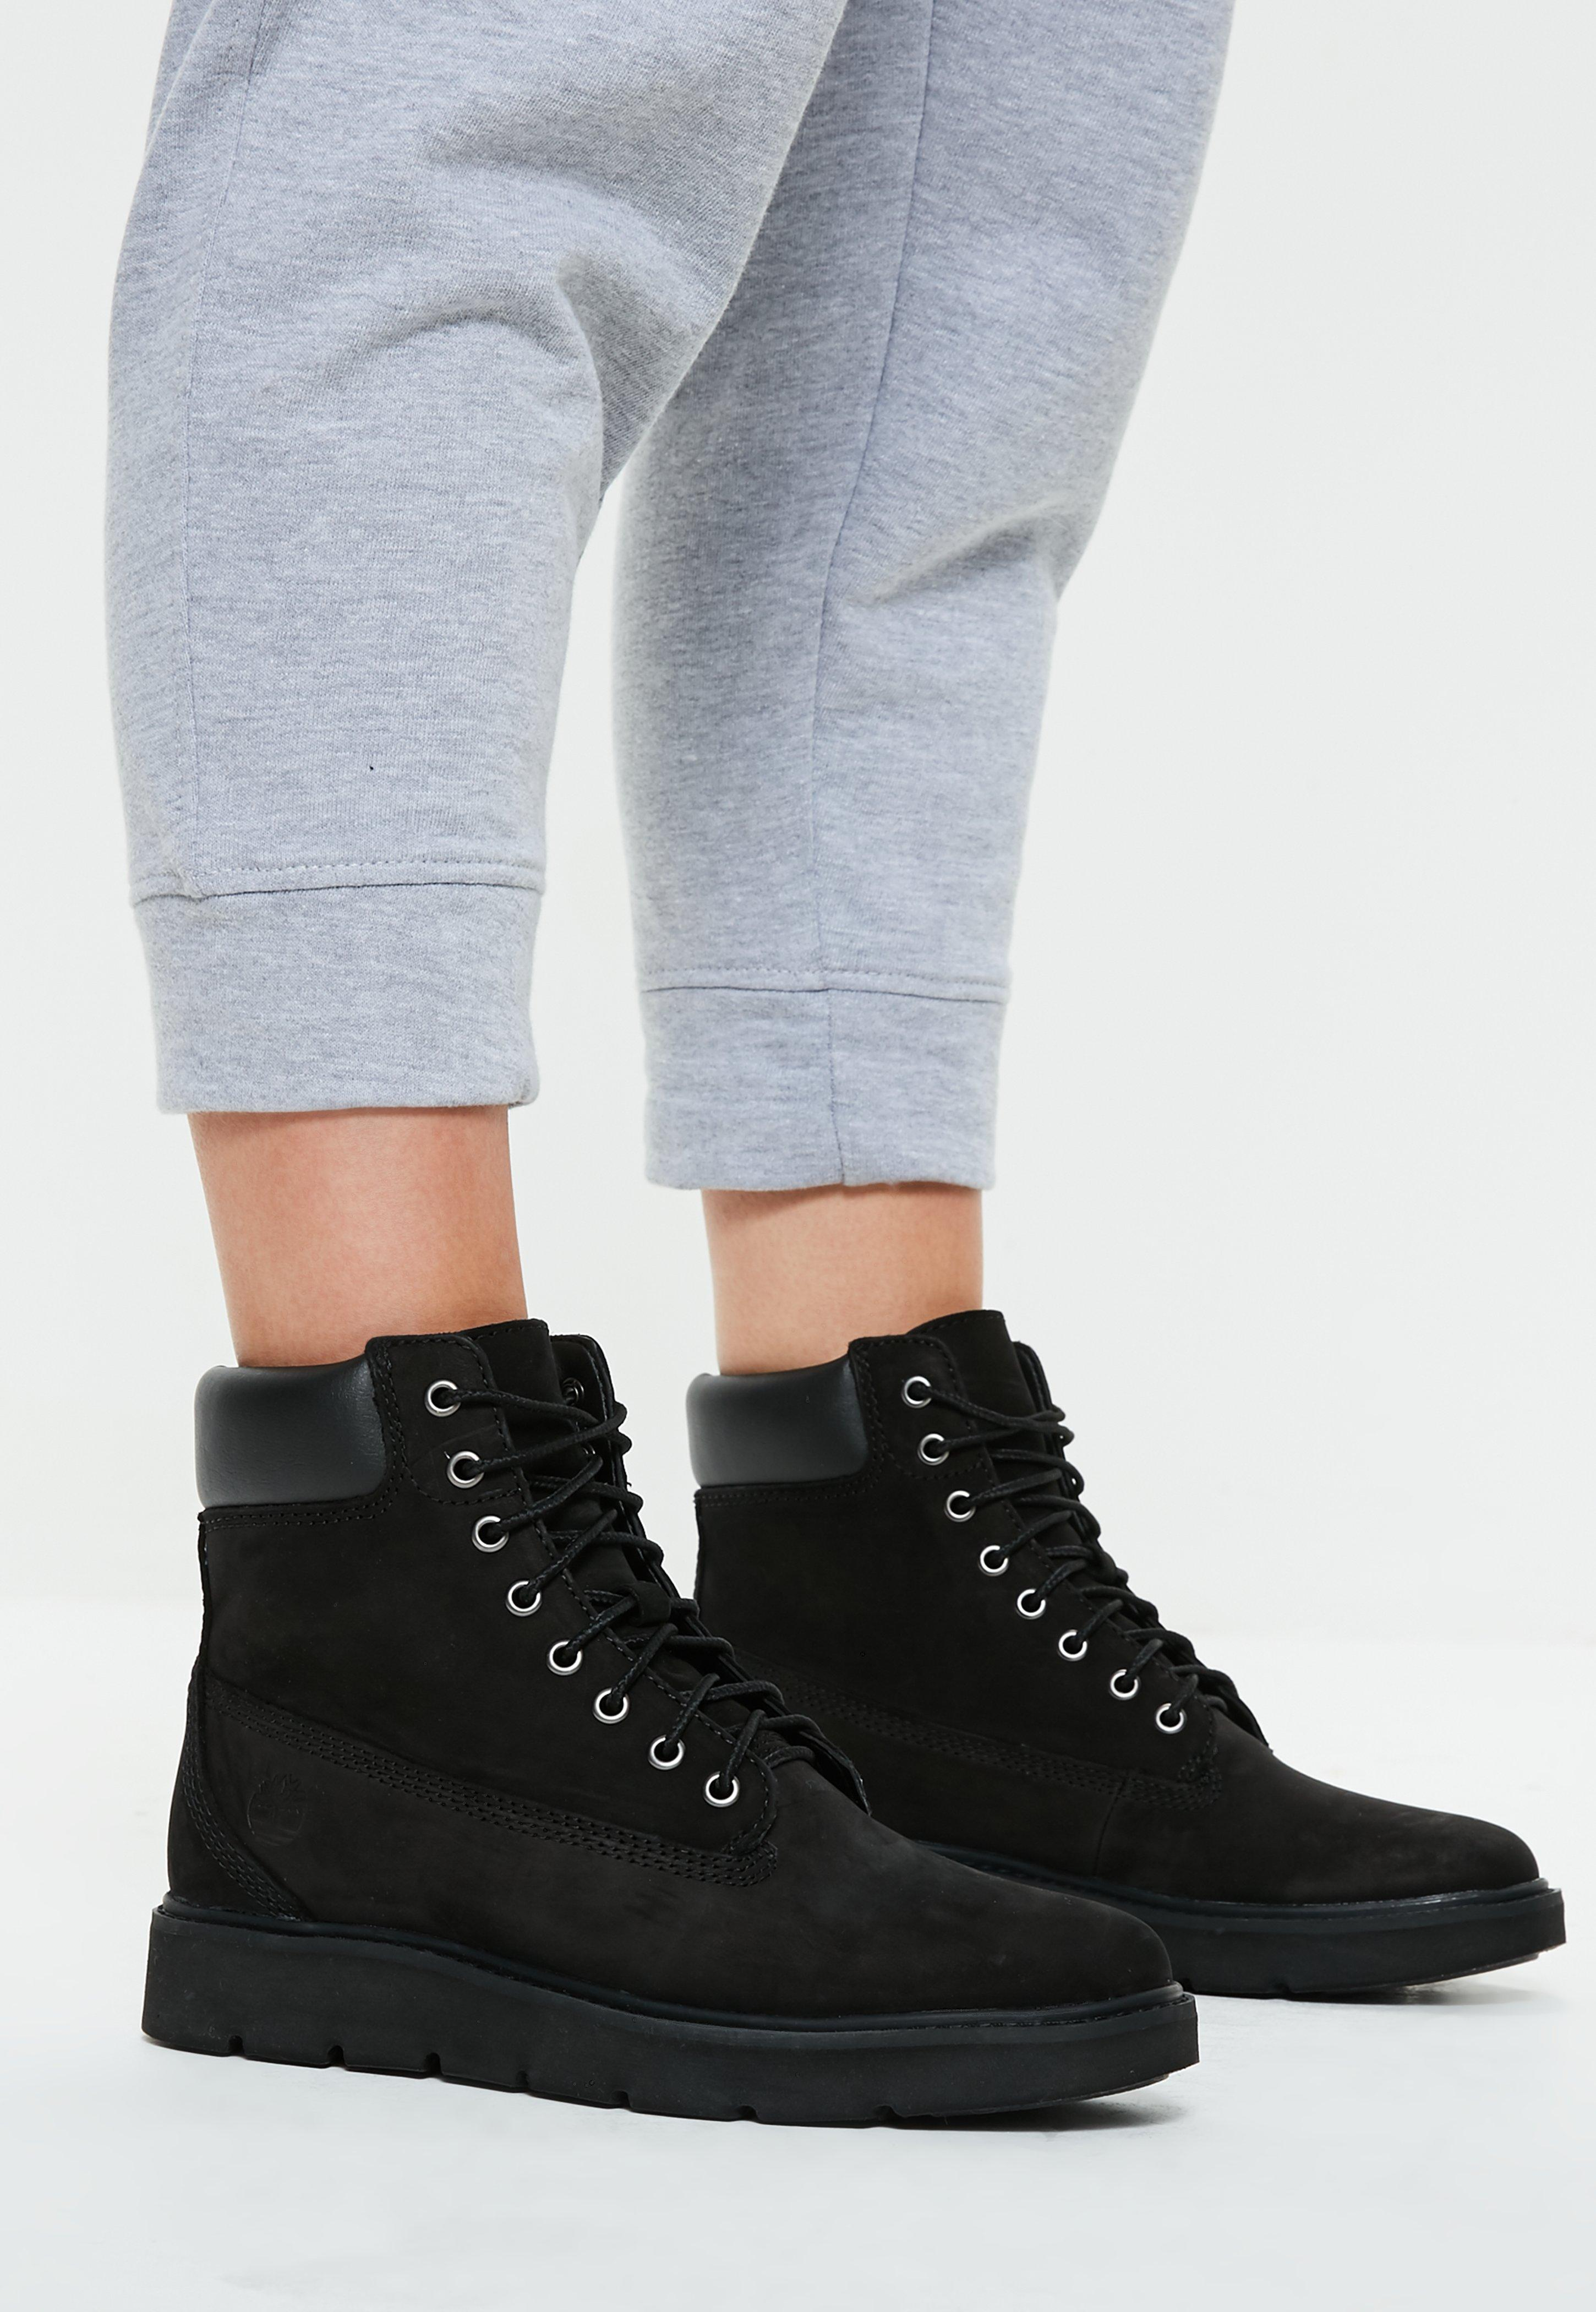 bottes femme style timberland